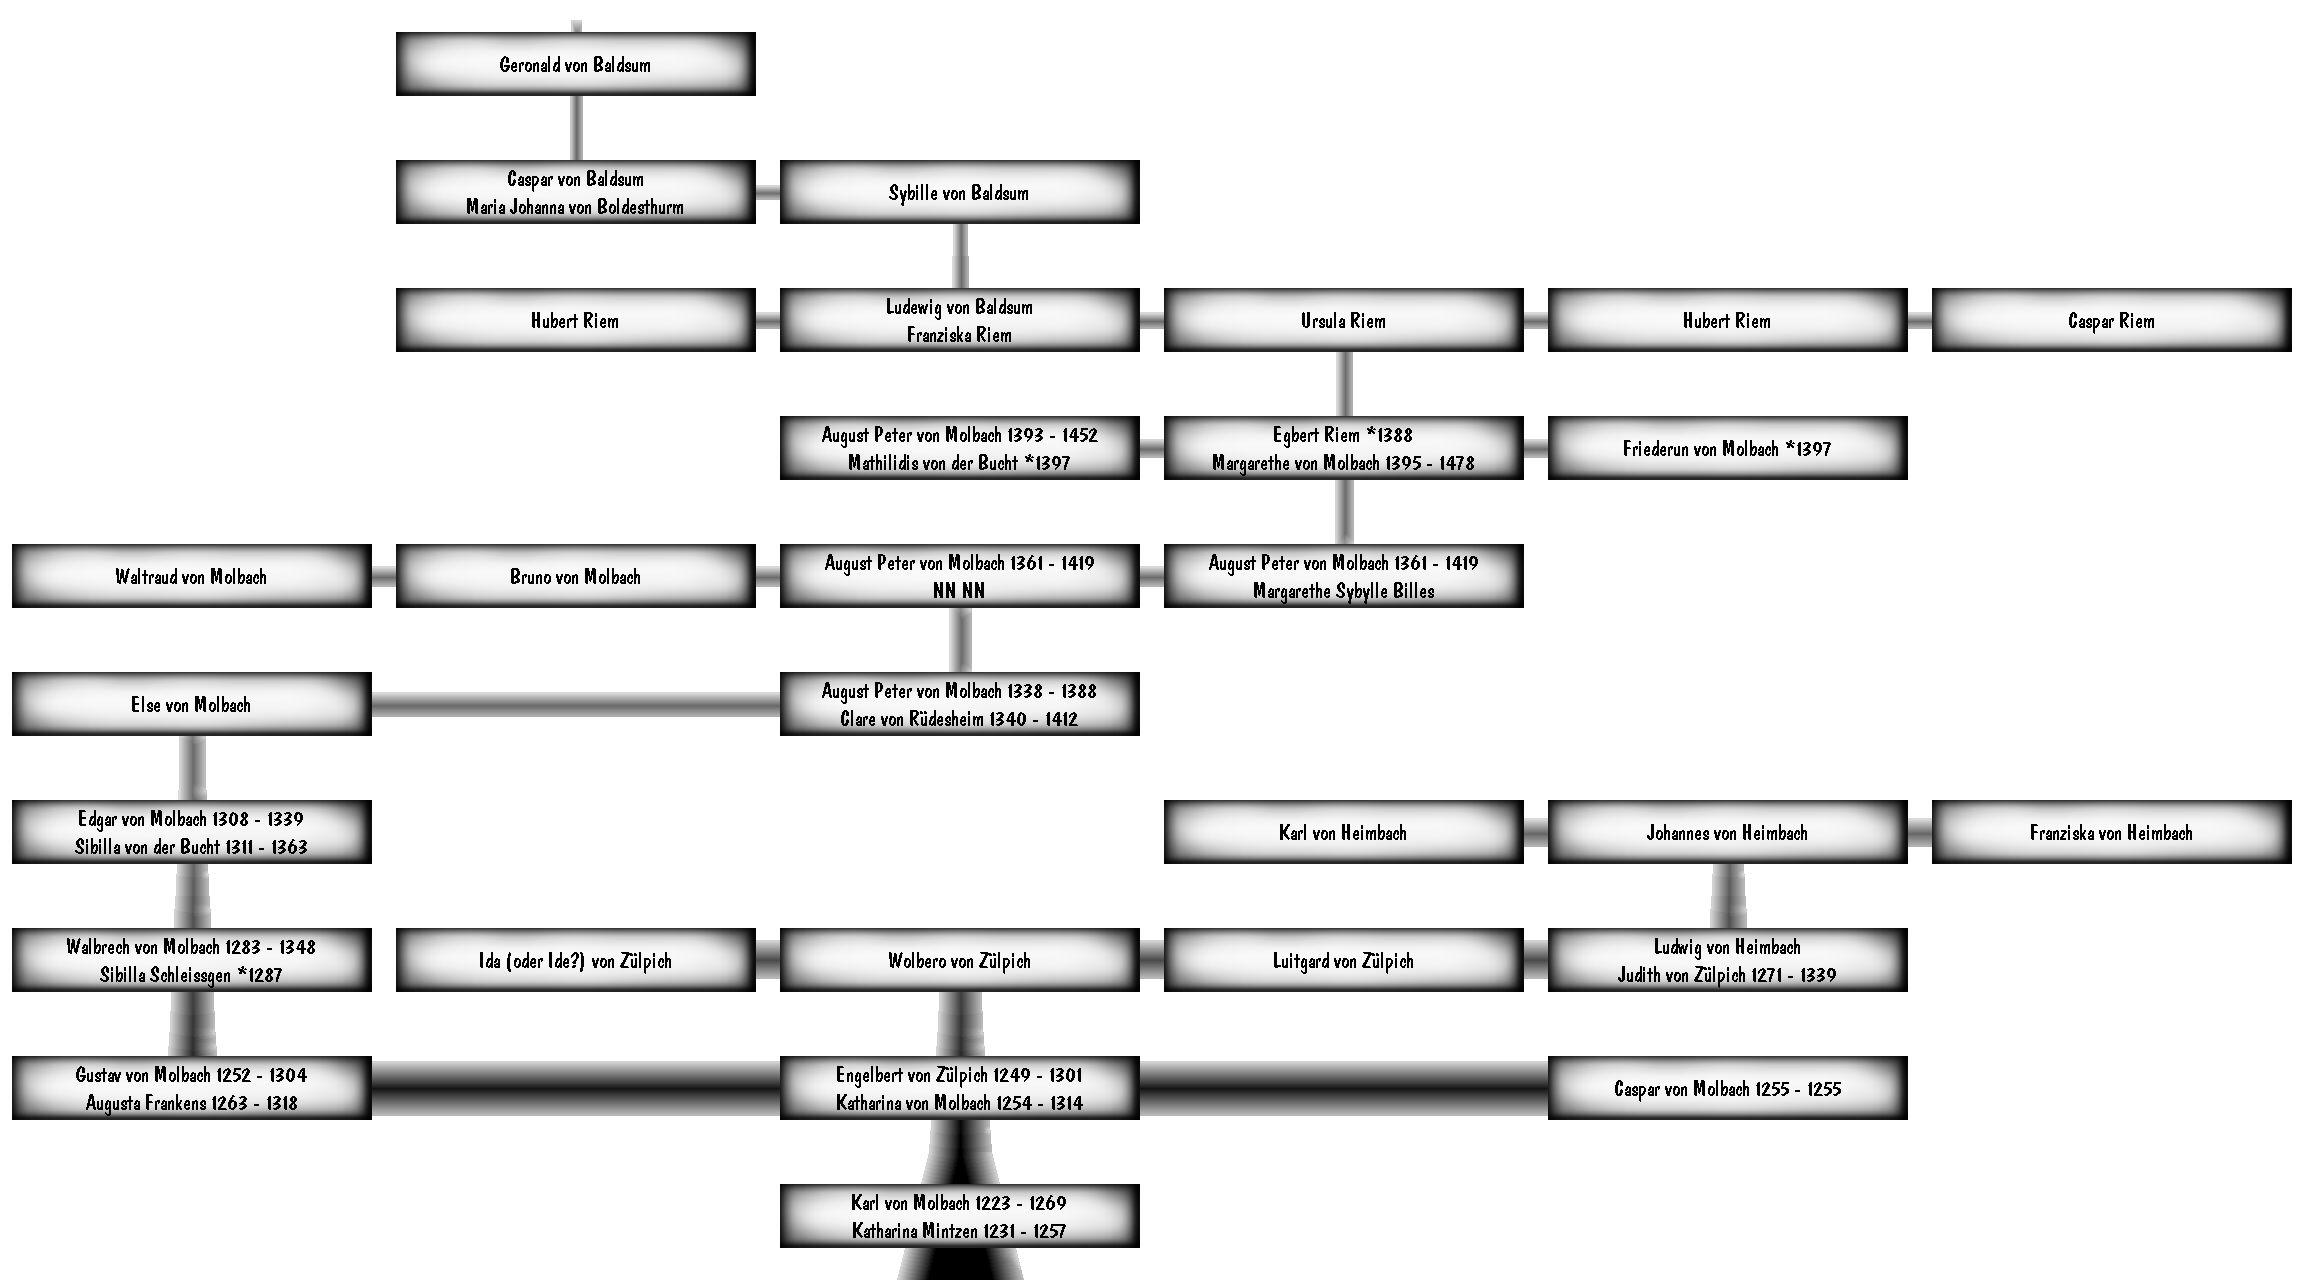 Suhrsoft individualsoftware und genealogieprogramme for Stammbaum zum ausdrucken